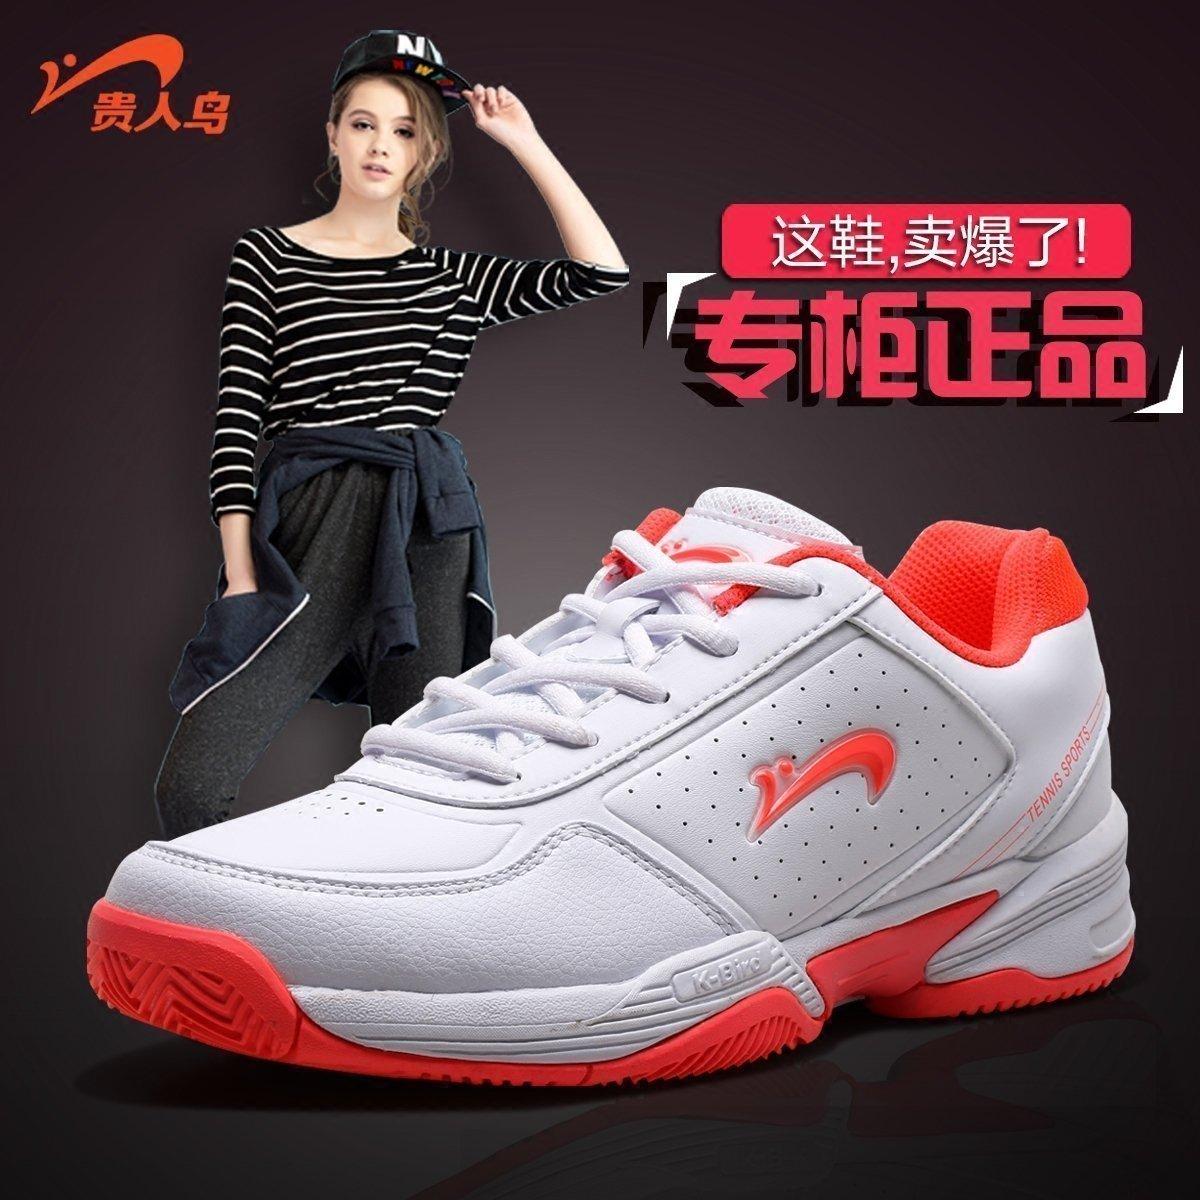 貴人鳥男鞋女鞋春季新款網球鞋正品防滑運動鞋休閑鞋旅遊鞋W43310